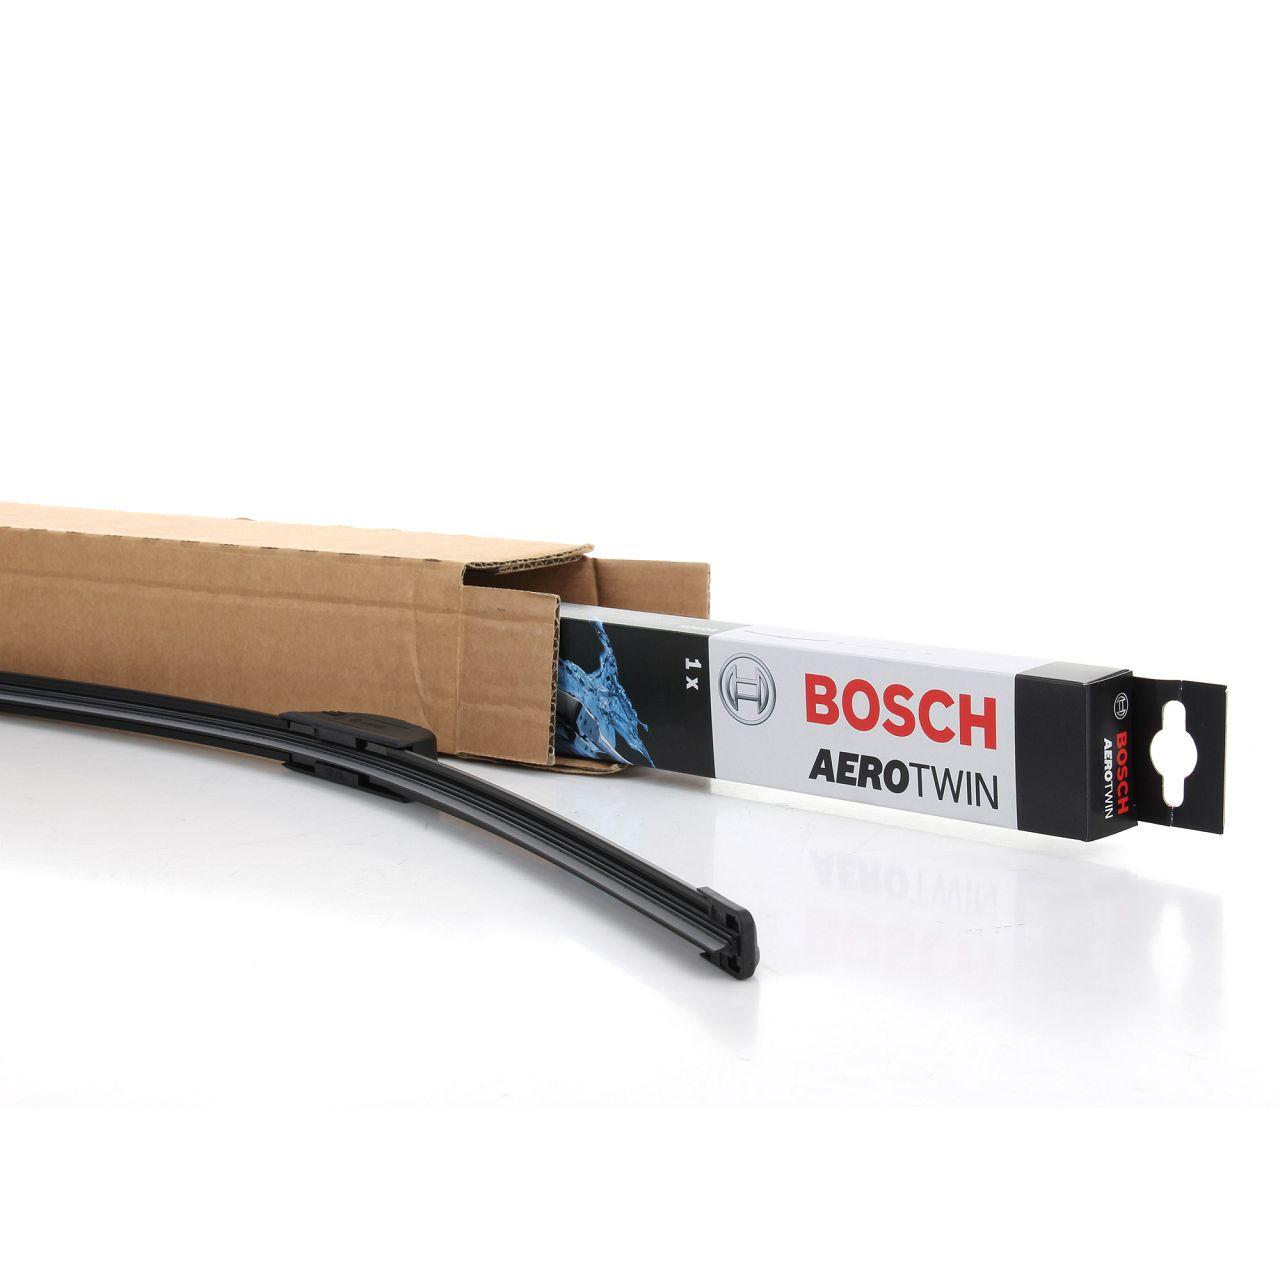 BOSCH Heckscheibenwischer Wischerblatt Wischer AEROTWIN A250H 250mm